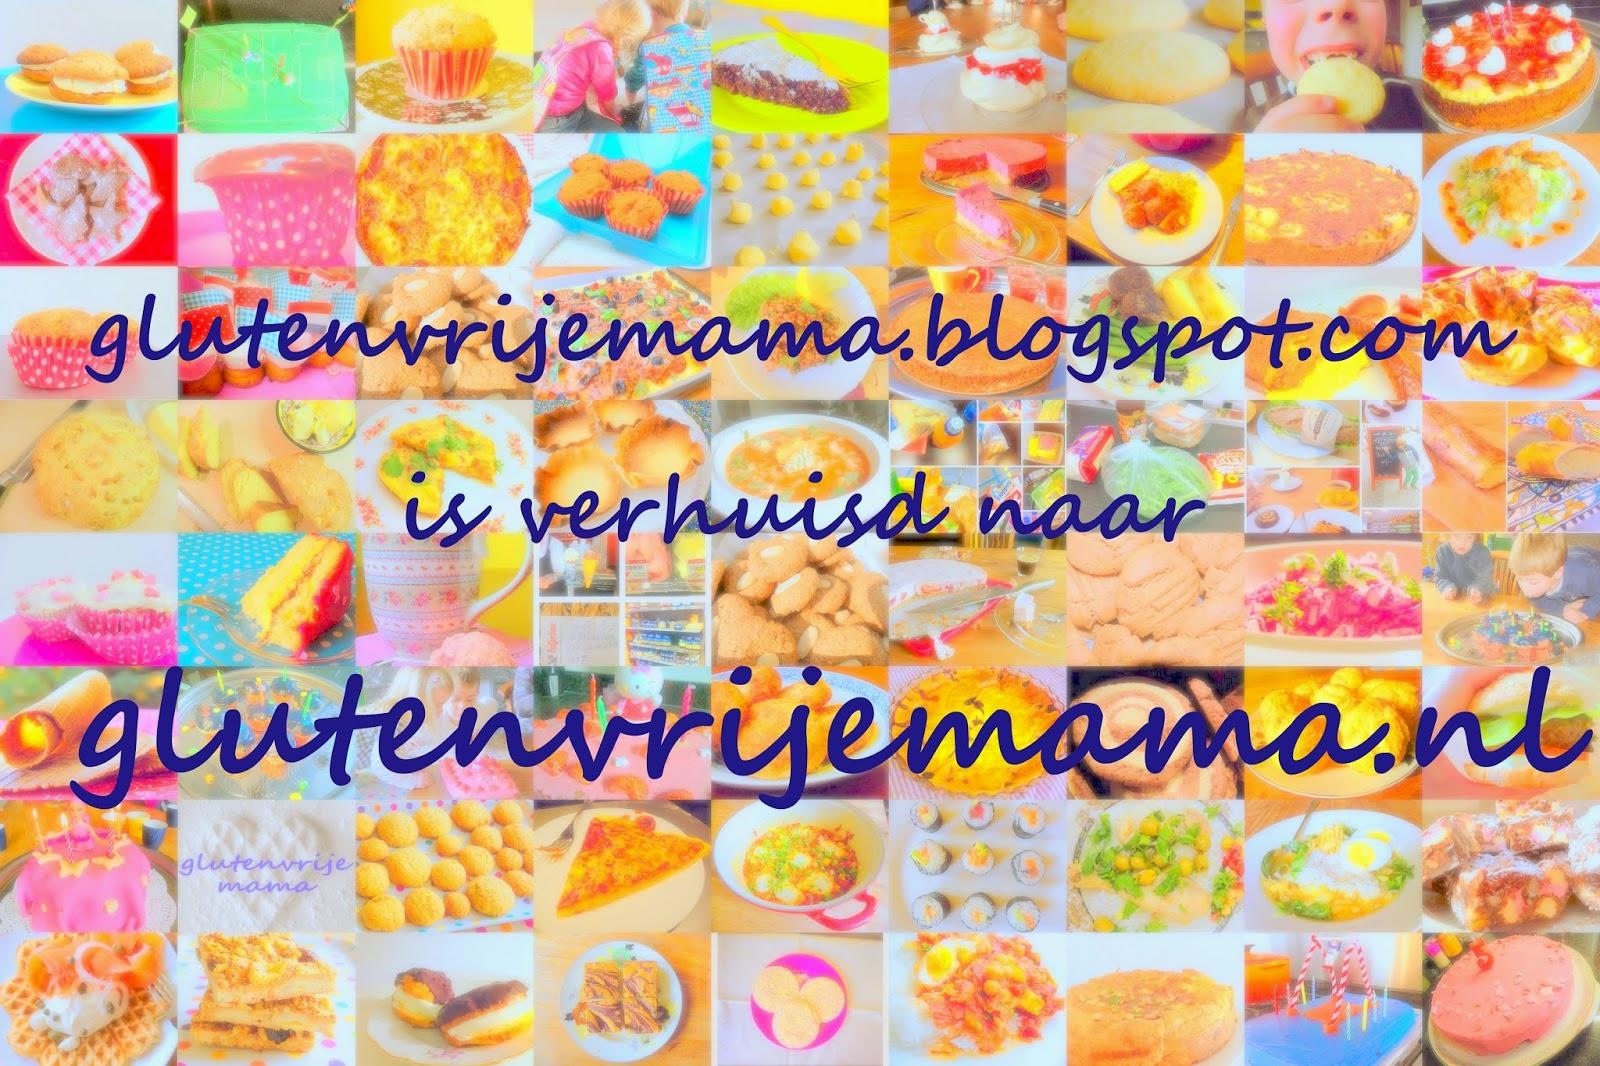 glutenvrijemama.nl